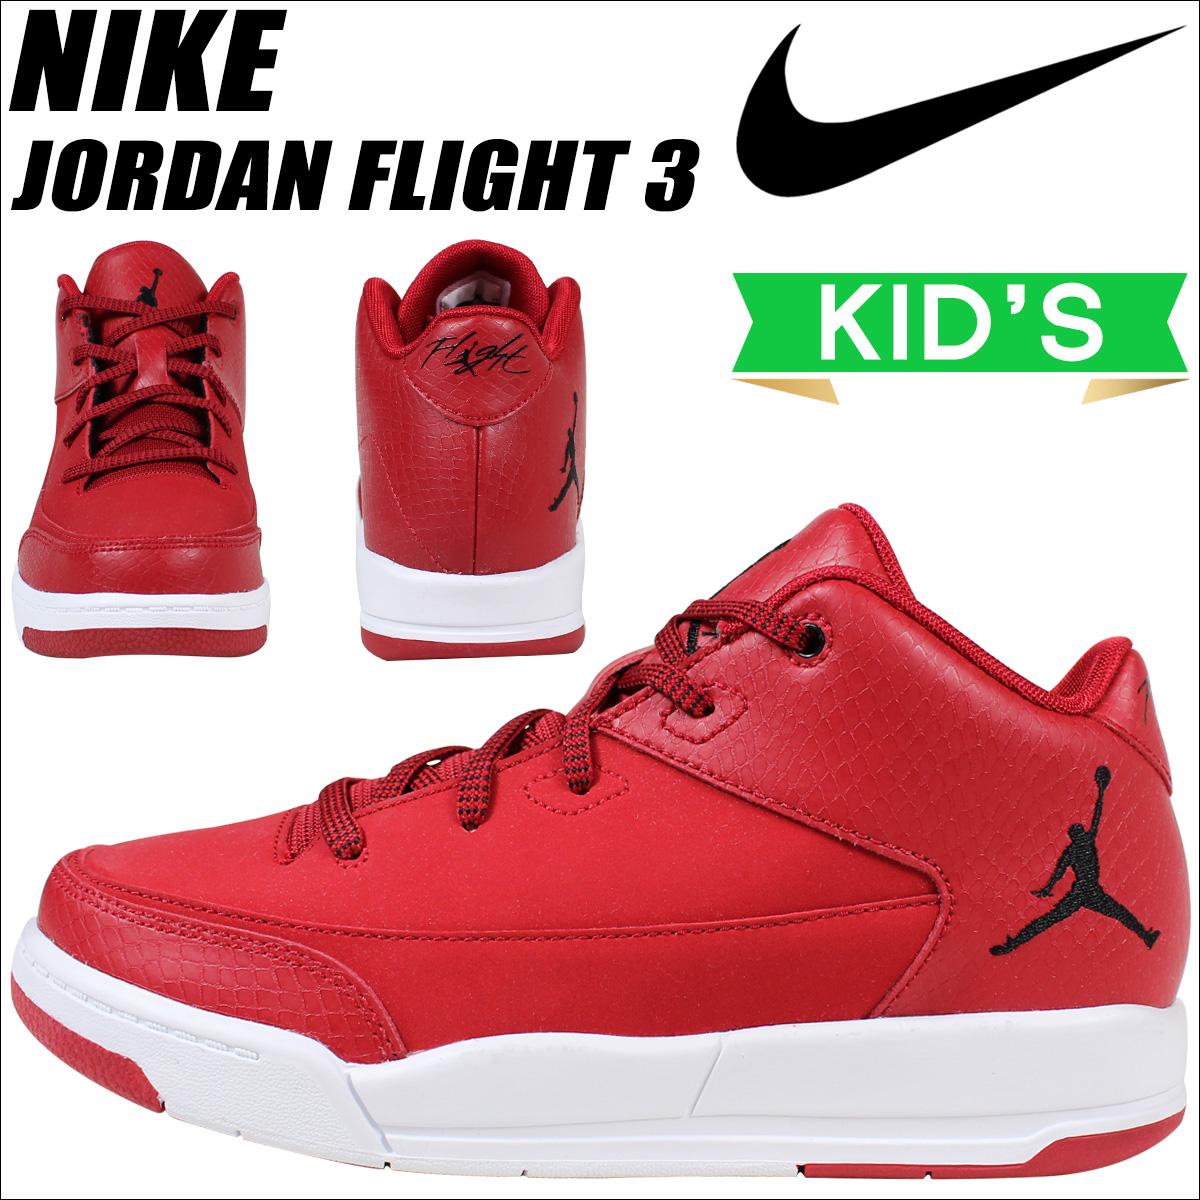 nike air jordan kids flight